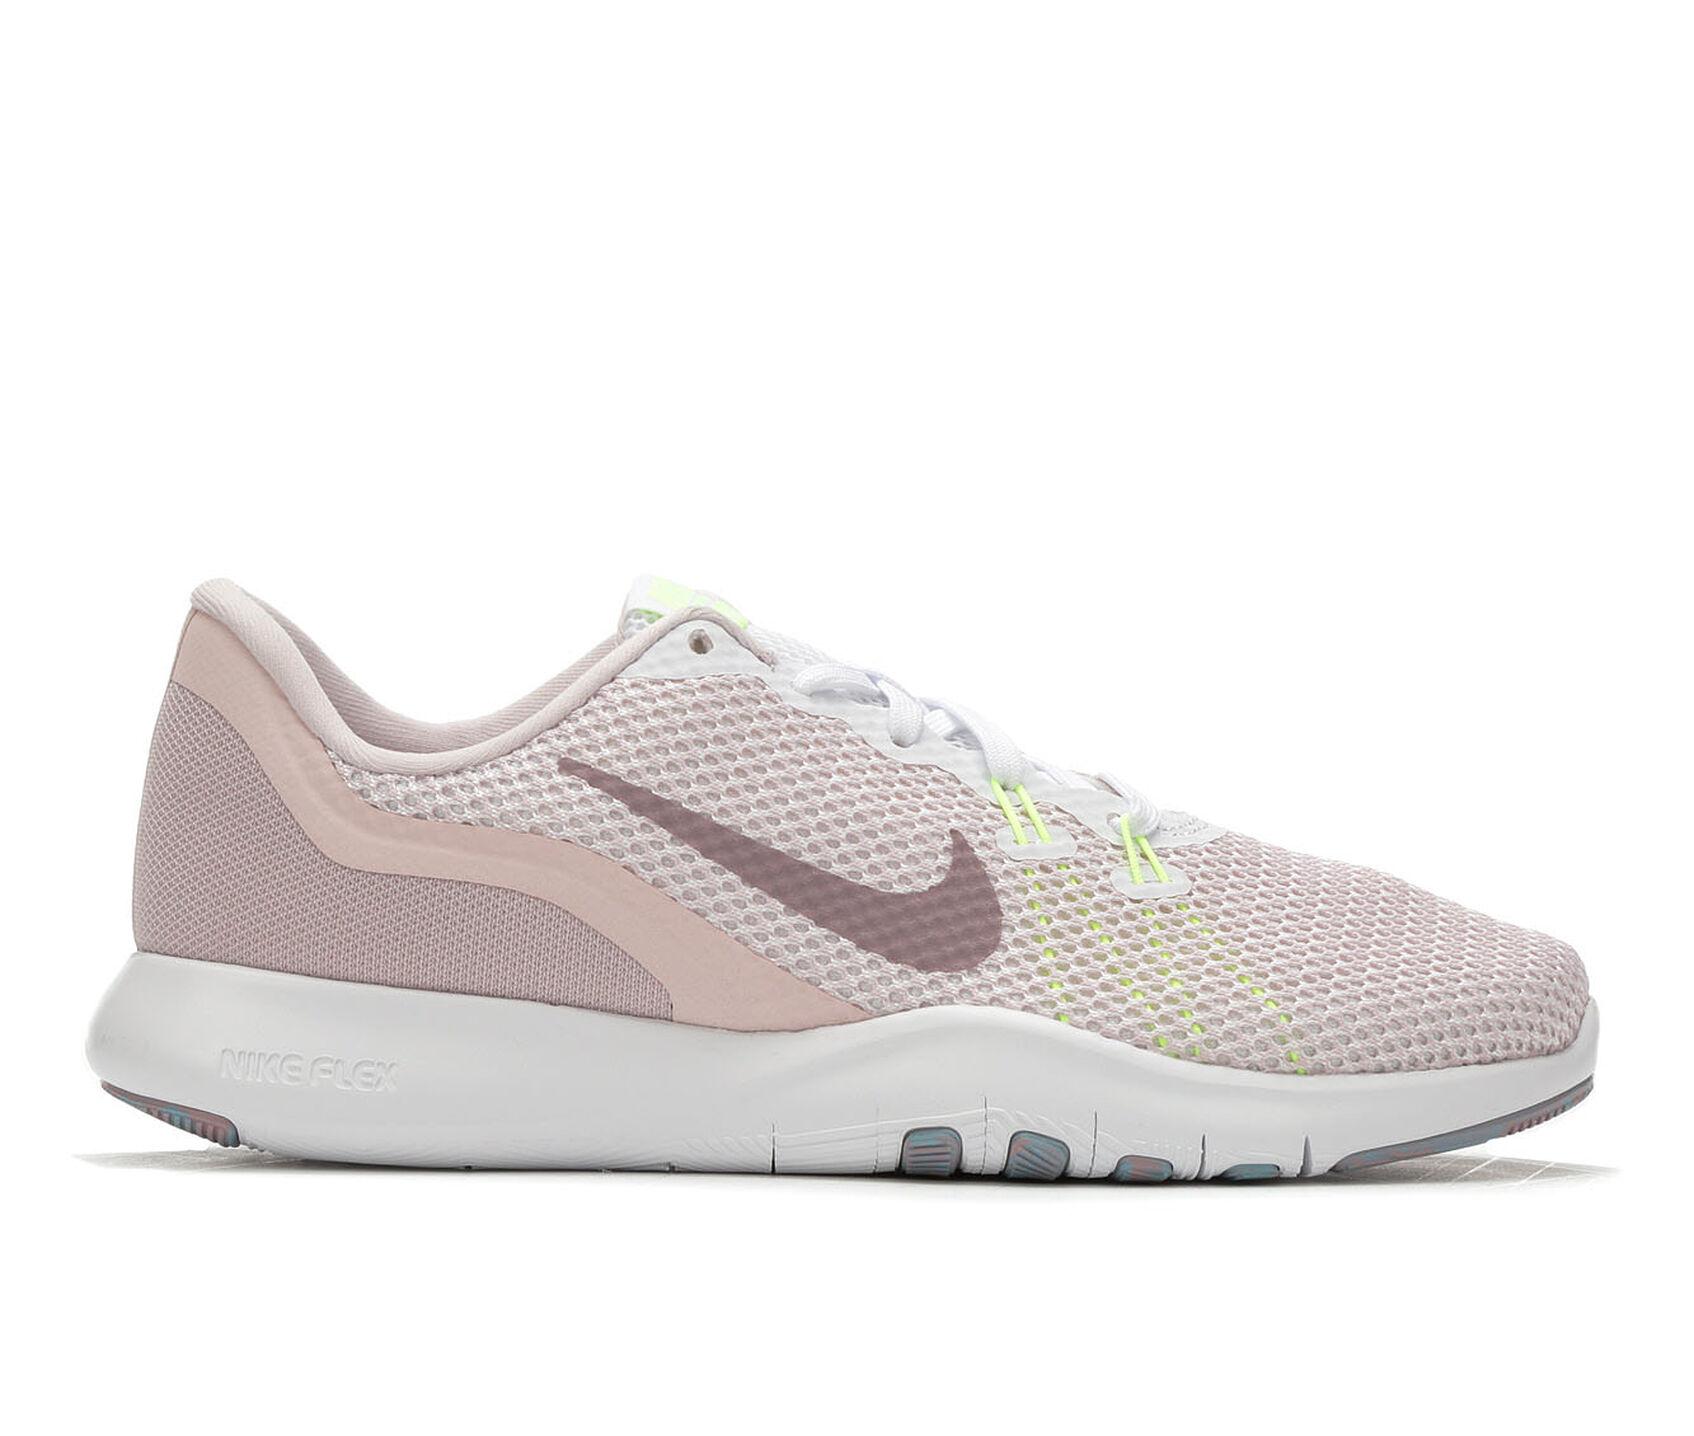 bb331744efa3 ... Nike Flex Trainer 7 Training Shoes. Previous